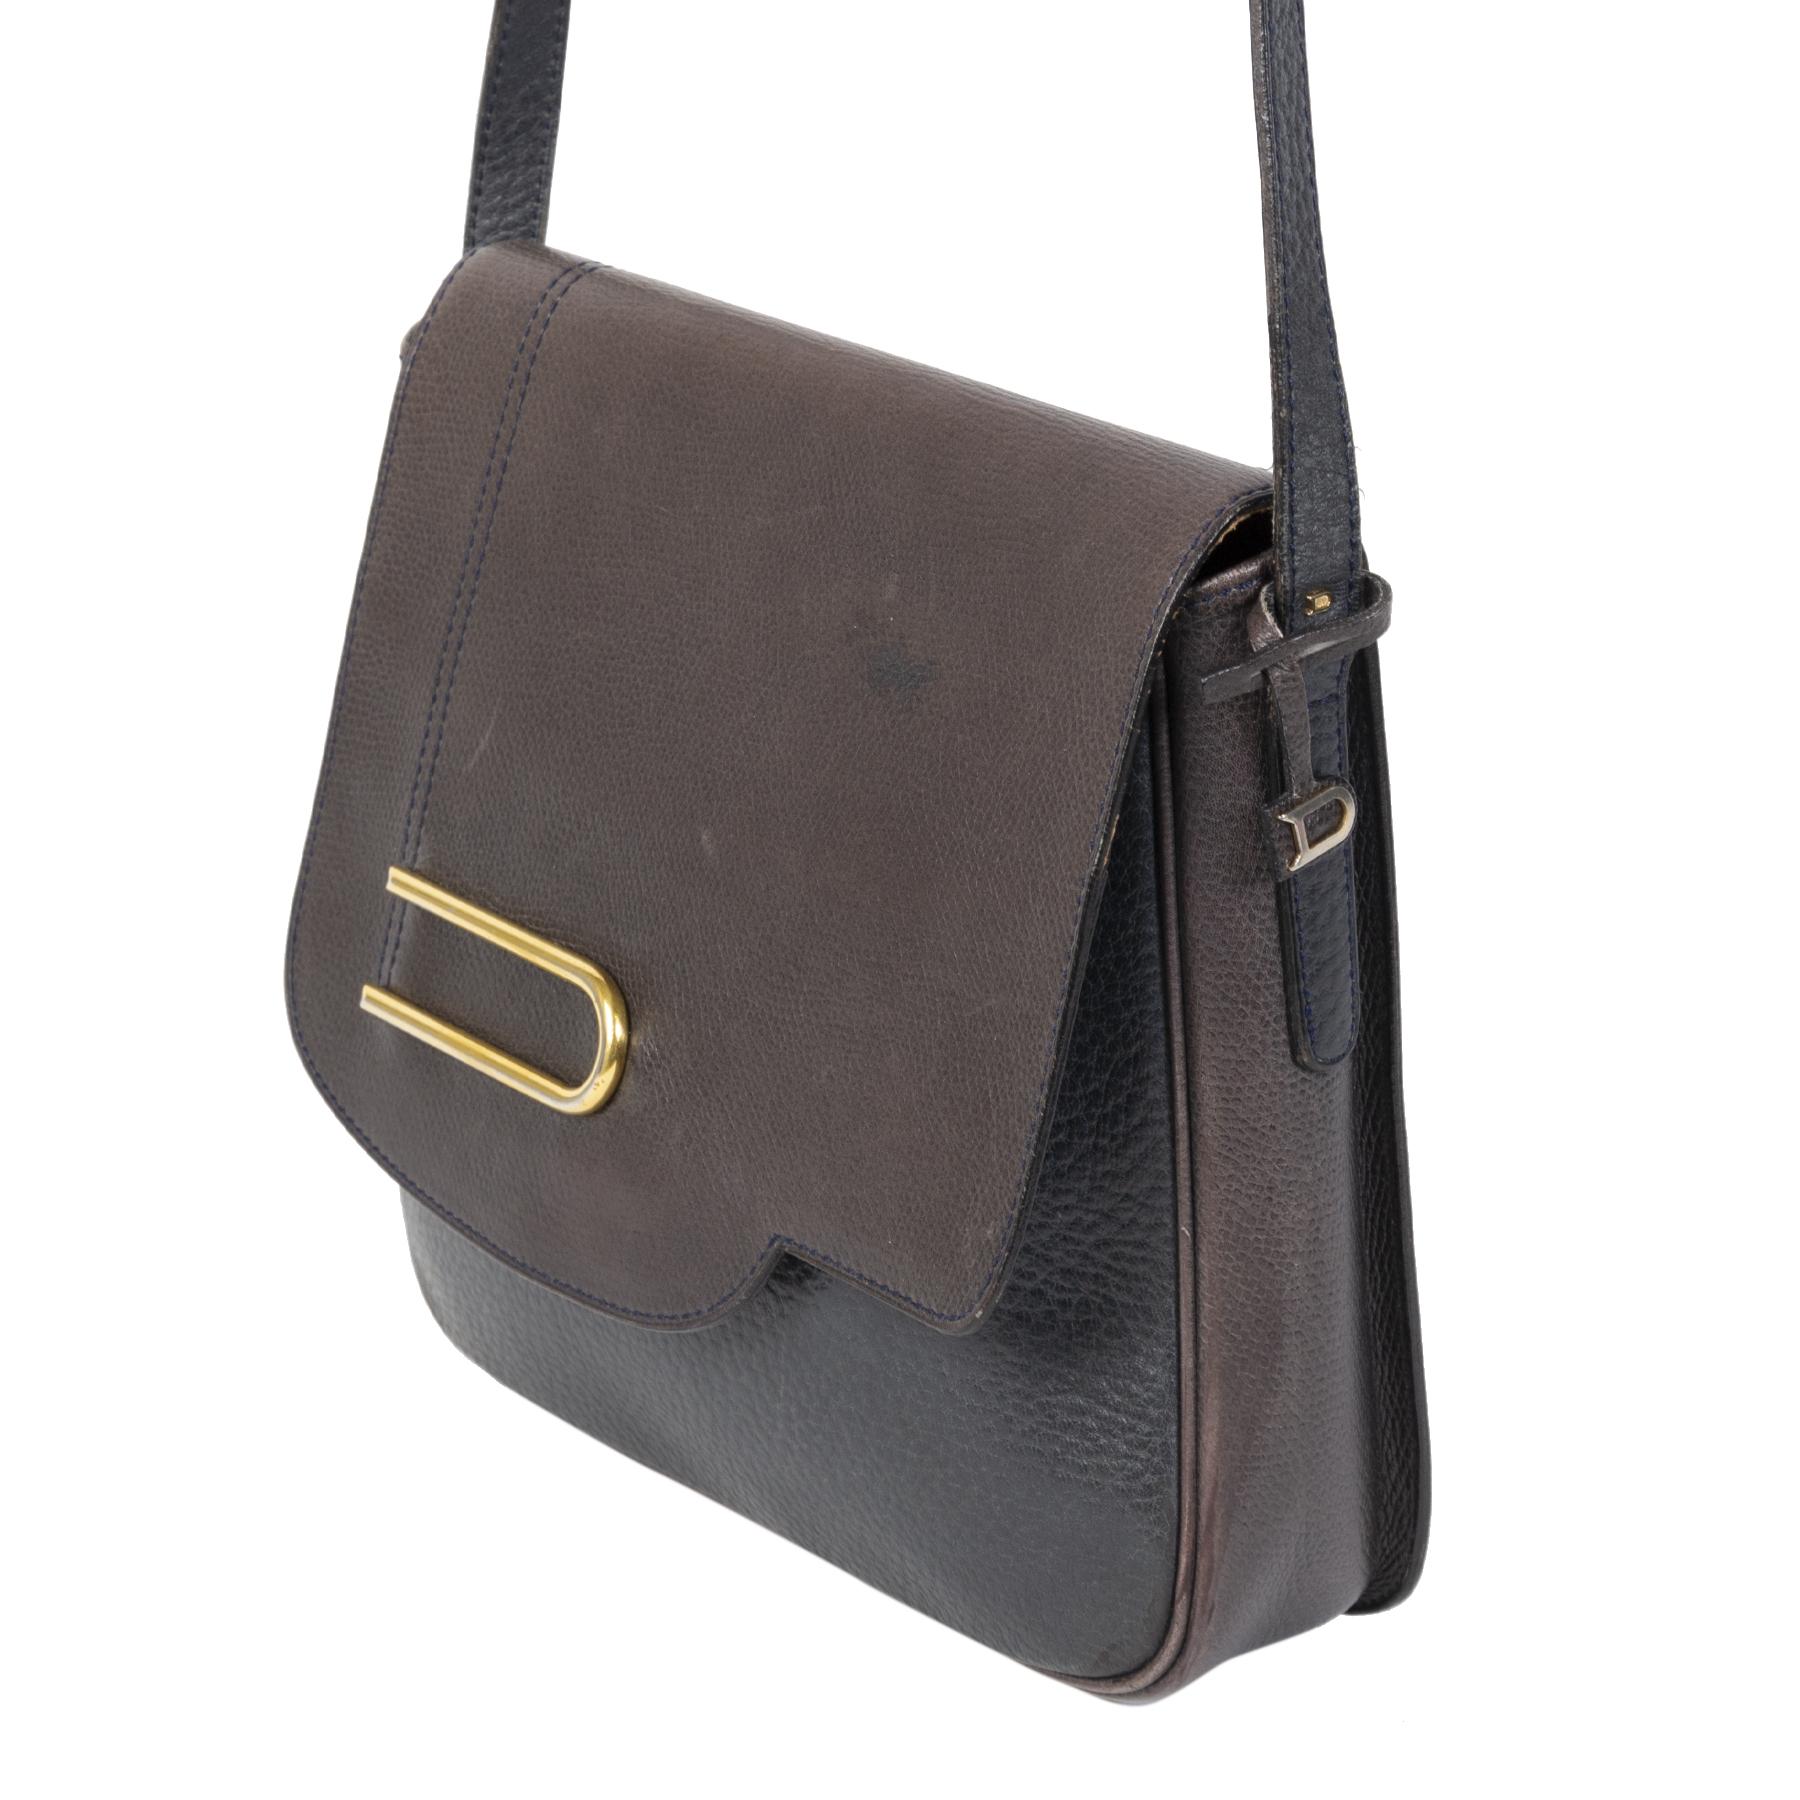 Authentieke Tweedehands Delvaux Dark Blue & Brown Leather Crossbody Bag juiste prijs veilig online shoppen luxe merken webshop winkelen Antwerpen België mode fashion